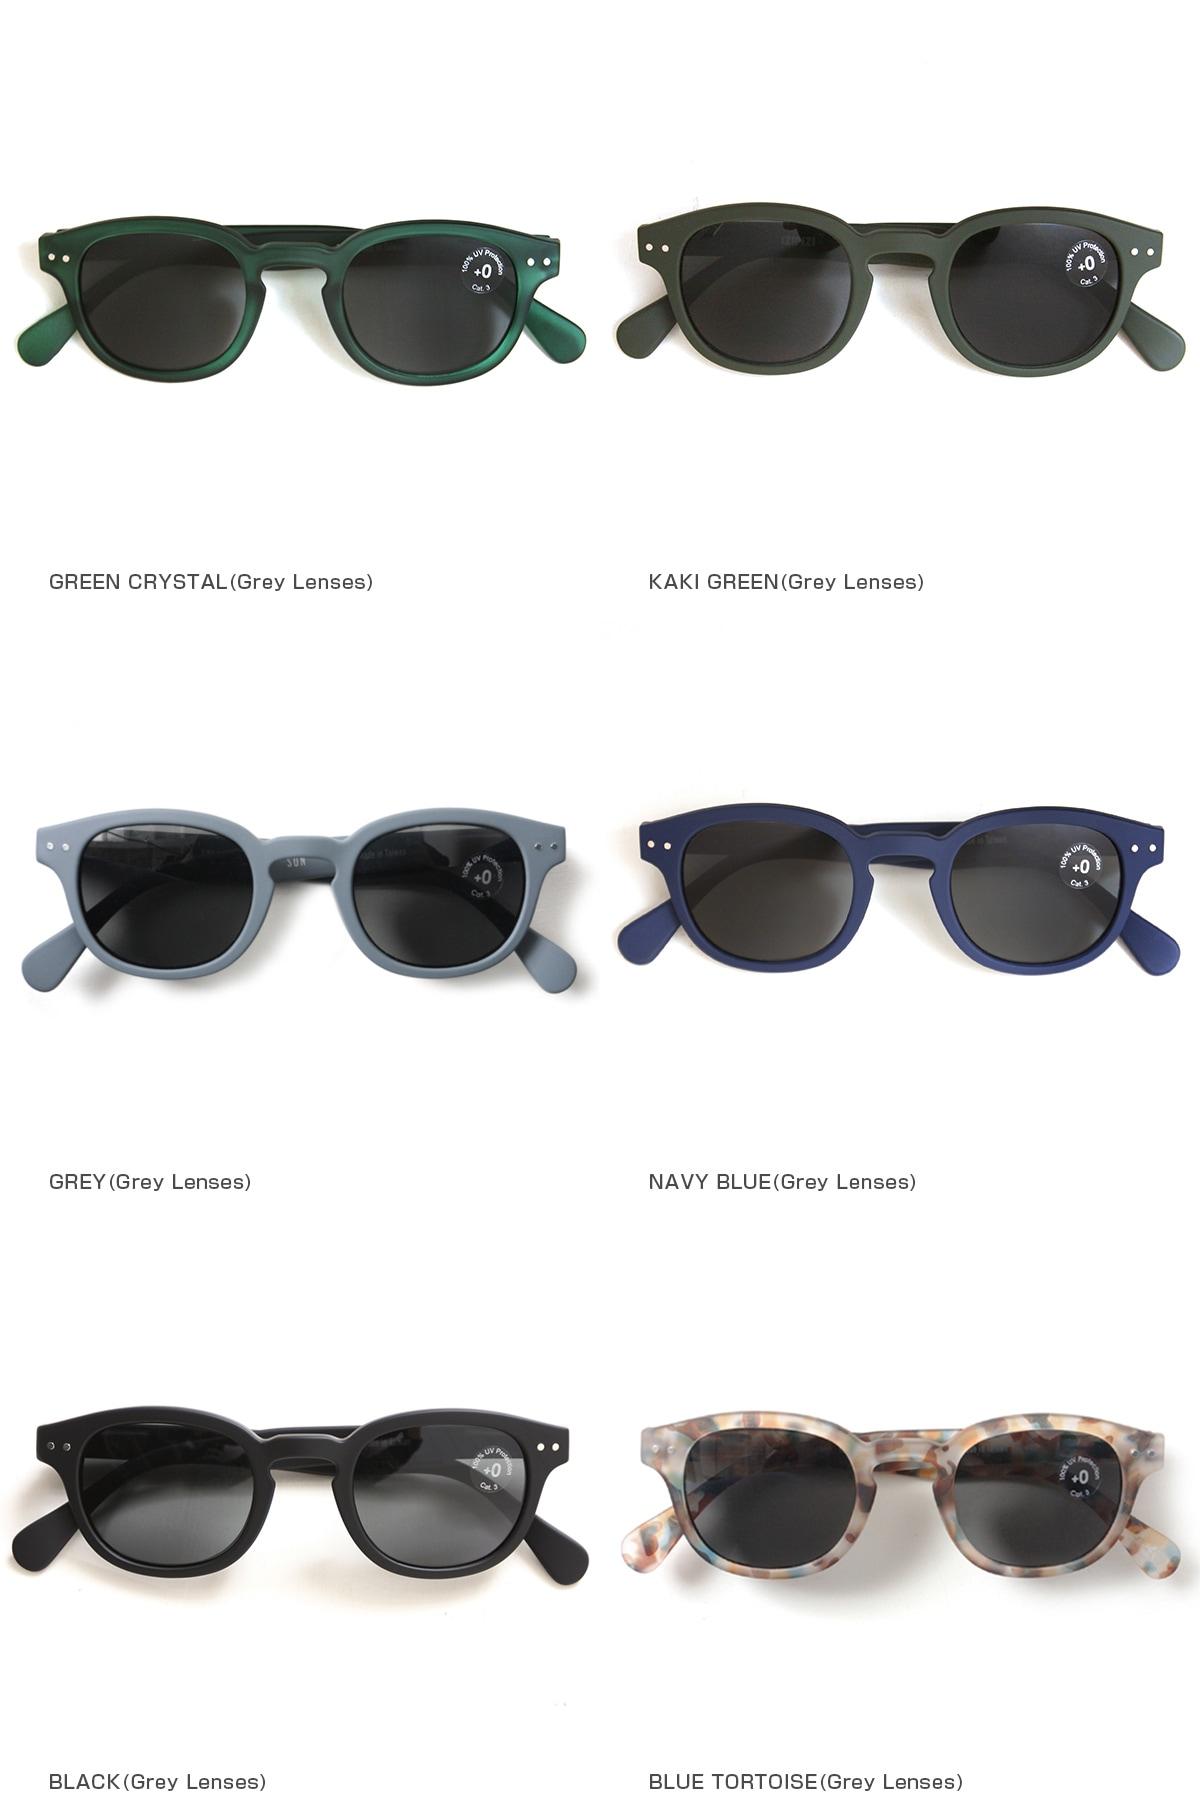 IZIPIZI イジピジ see concept シーコンセプト メガネ 眼鏡 老眼鏡 サングラス #C SUN グレーレンズ グリーンレンズ ボスリントン ウエリントン